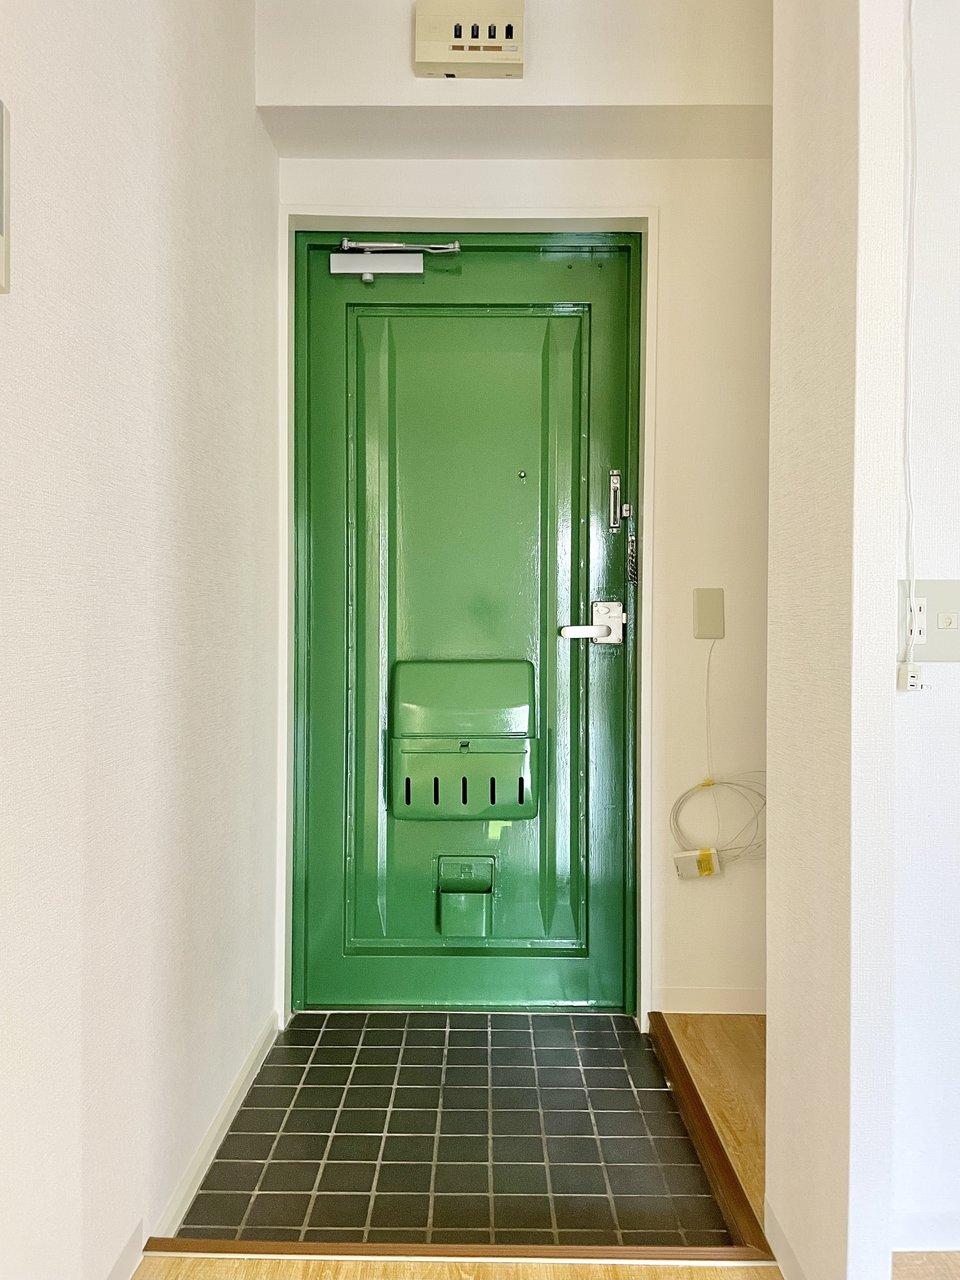 ほとんどの設備が新しく取り替え済みですが、ちょっとレトロさも感じられて、そこがまたご愛嬌。毎日でかけるのが楽しみになりそうな、緑の玄関もかわいい。